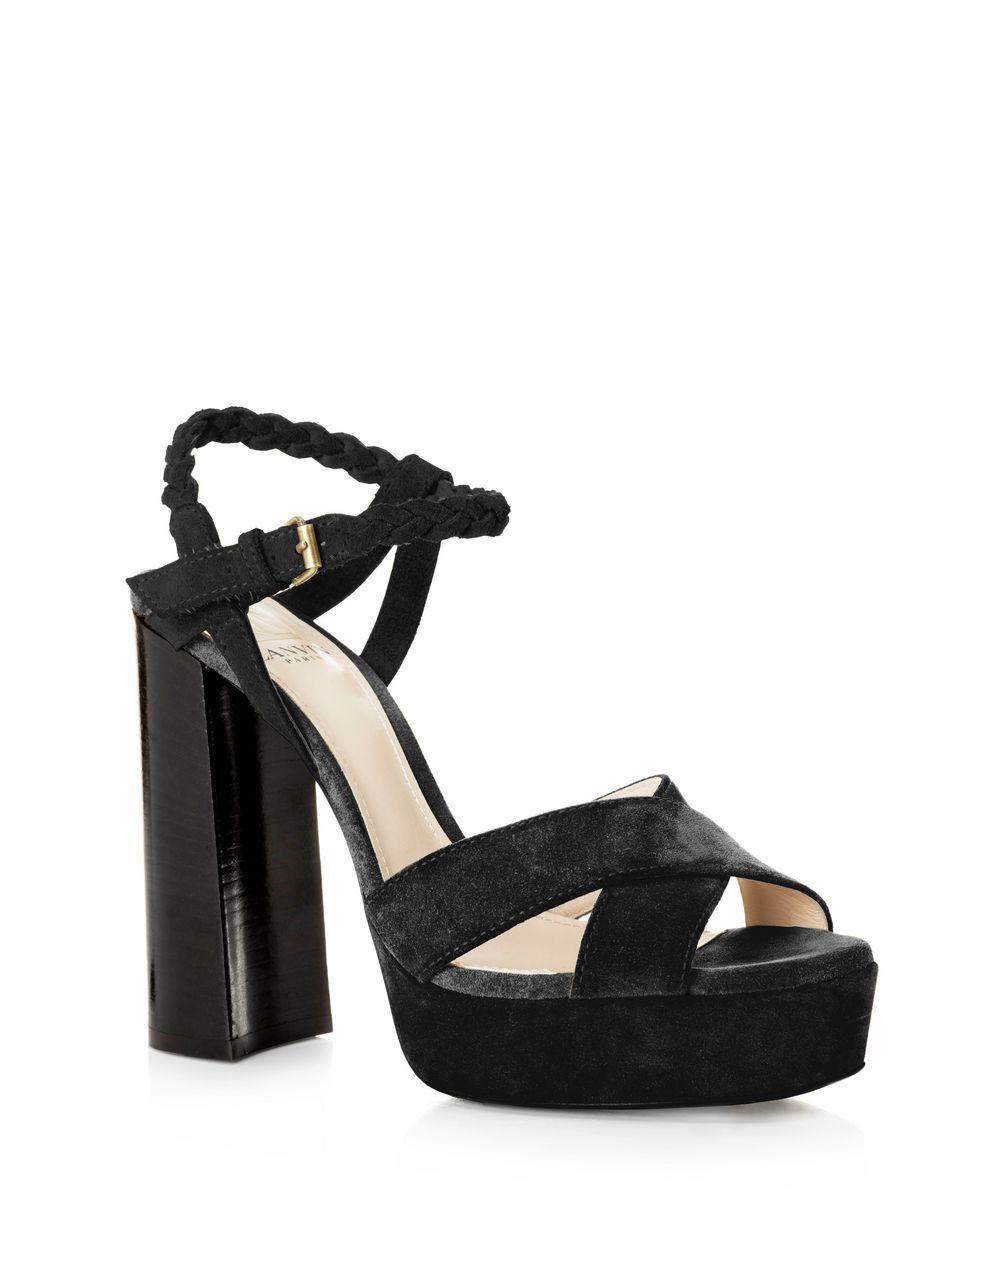 Lanvin Ribbon Wrap Mid Heel Sandal iJfljlJI2F